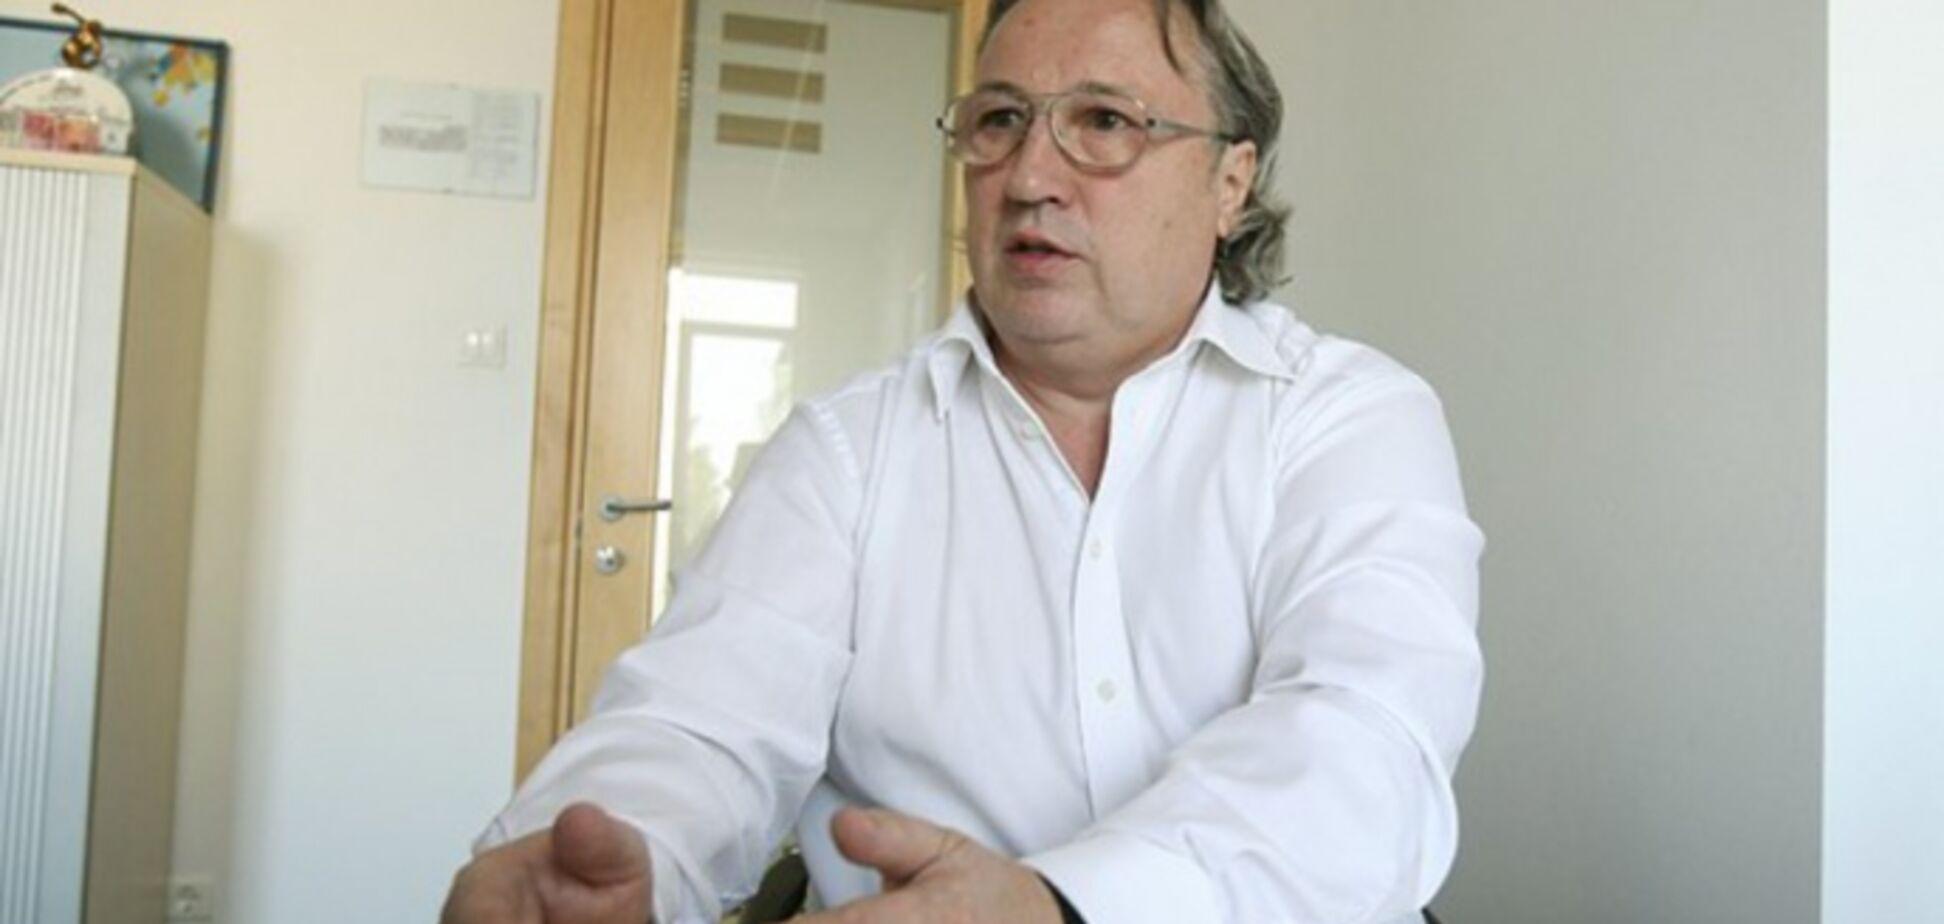 Нацбанк відмовив Мітюкову в посаді члена наглядової ради Ощадбанку